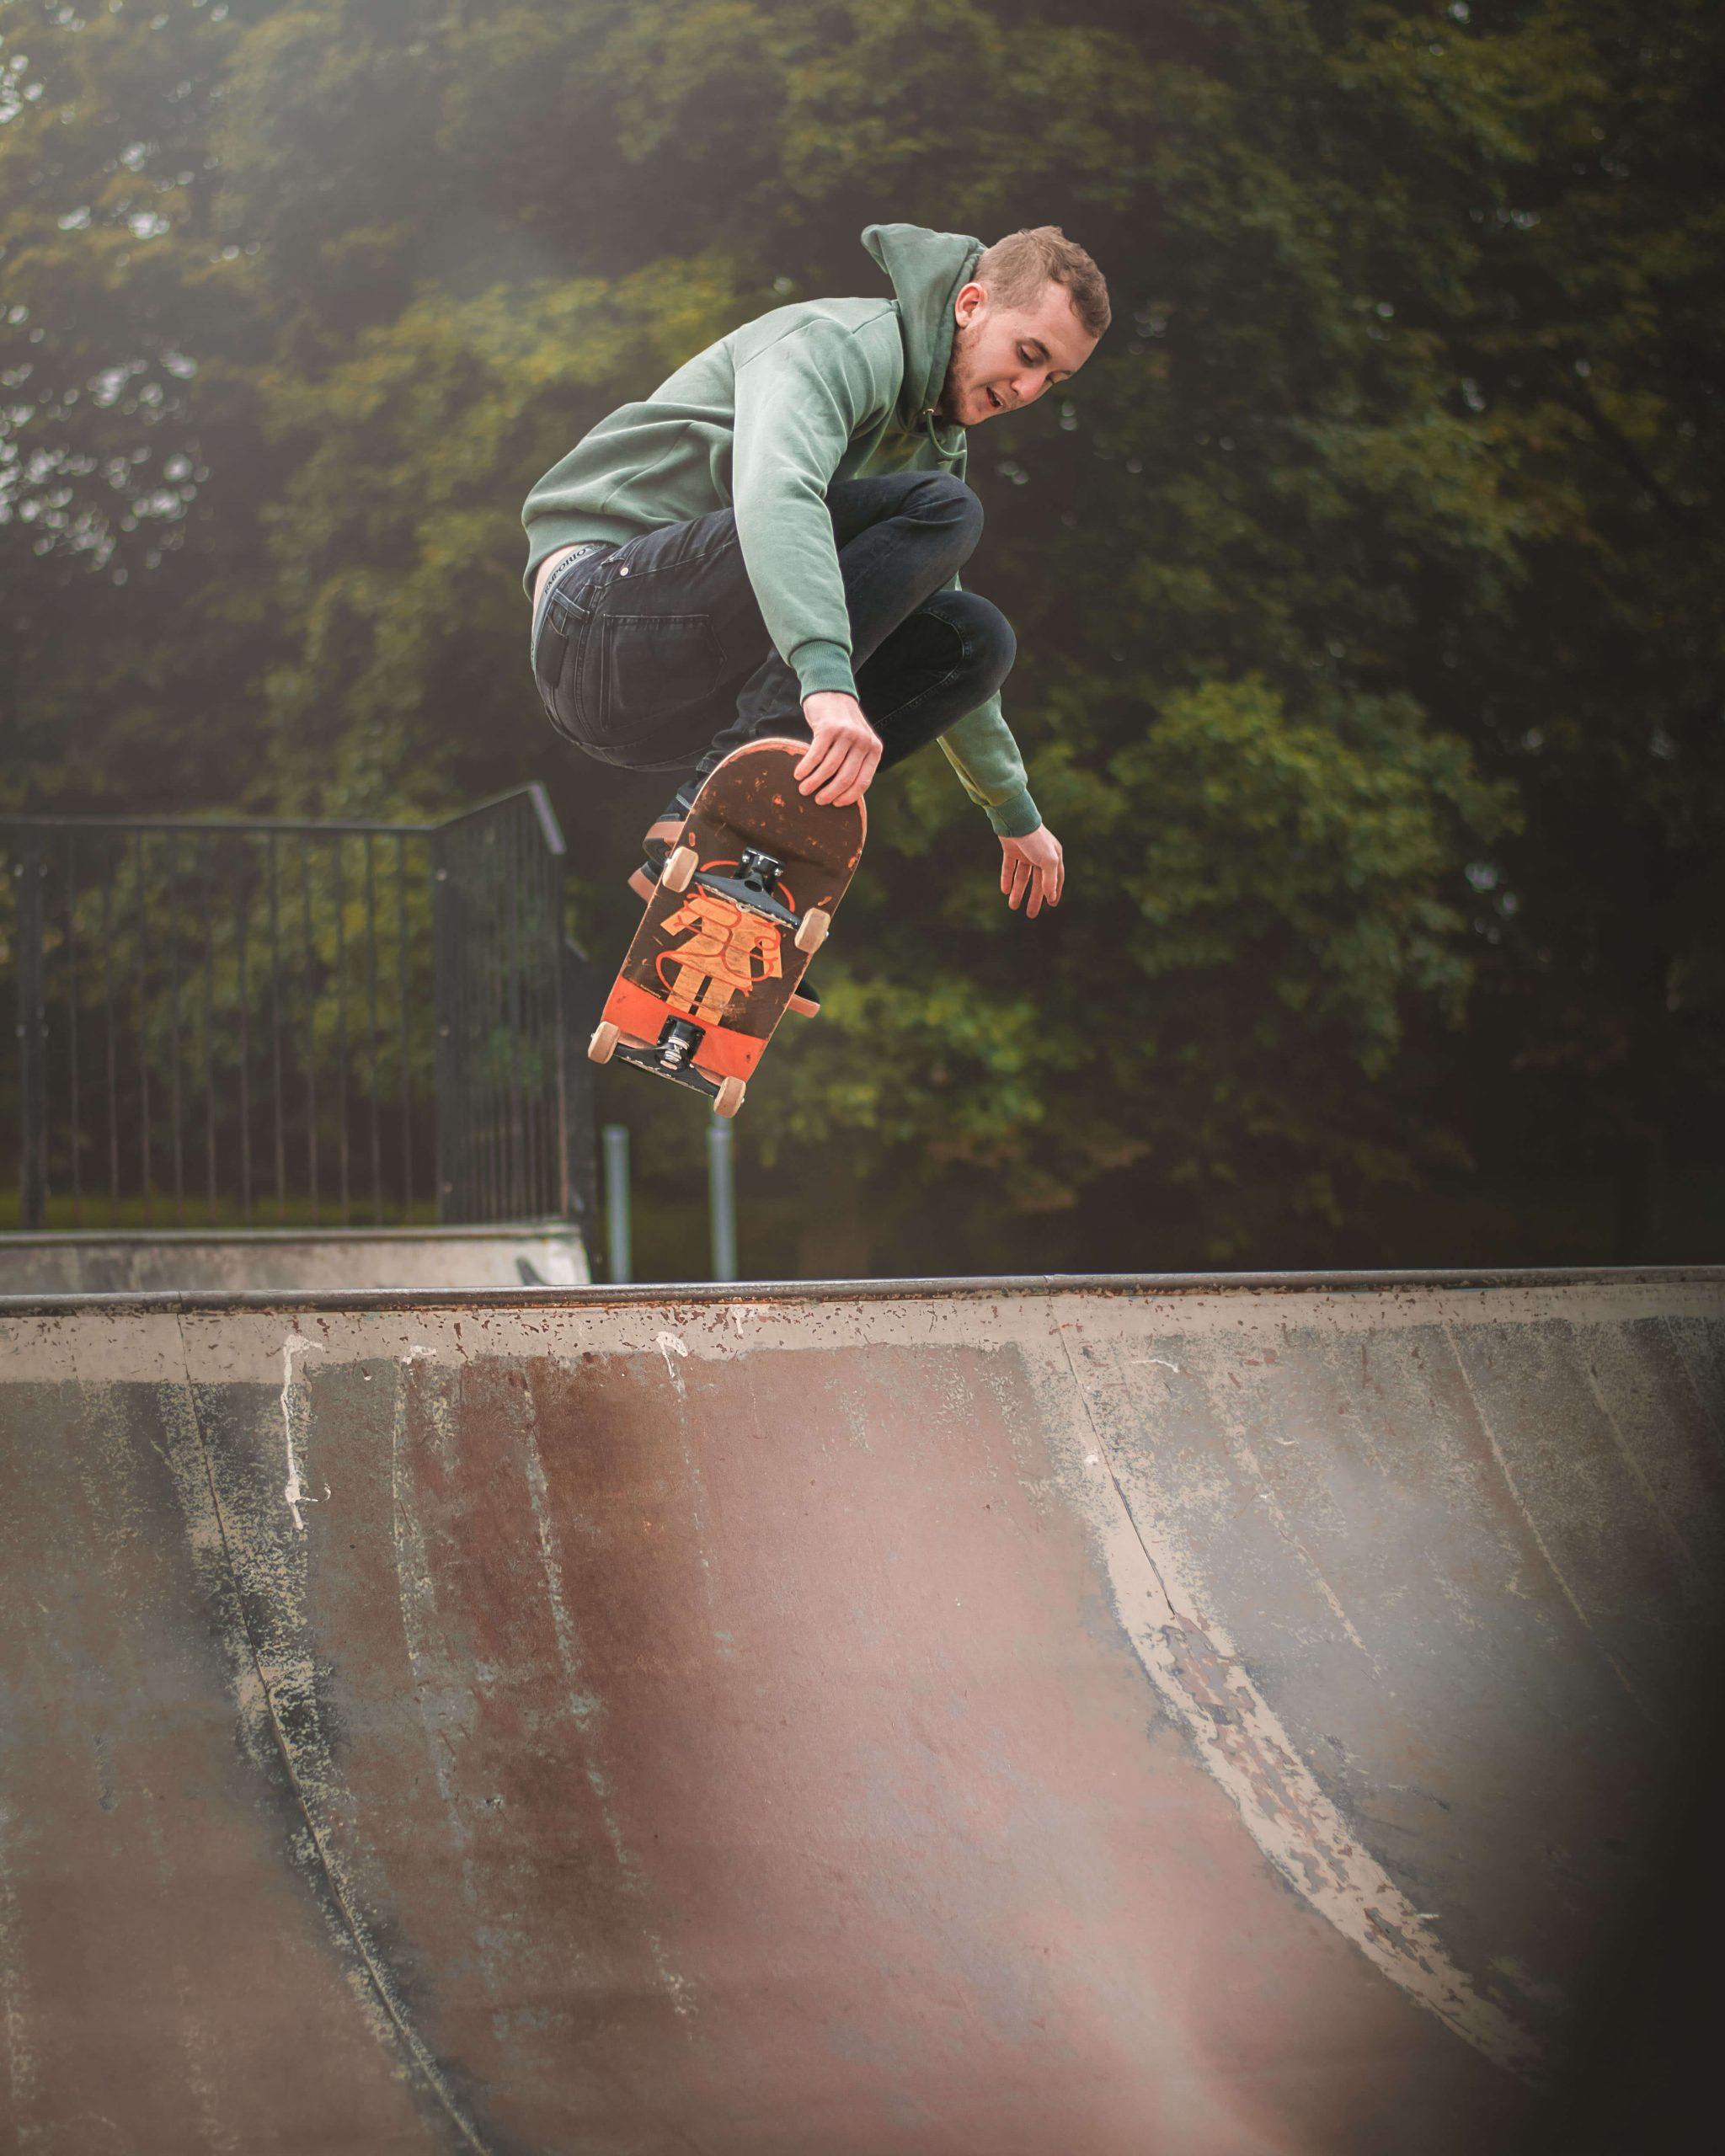 Luke Skating - Thomas Hardie